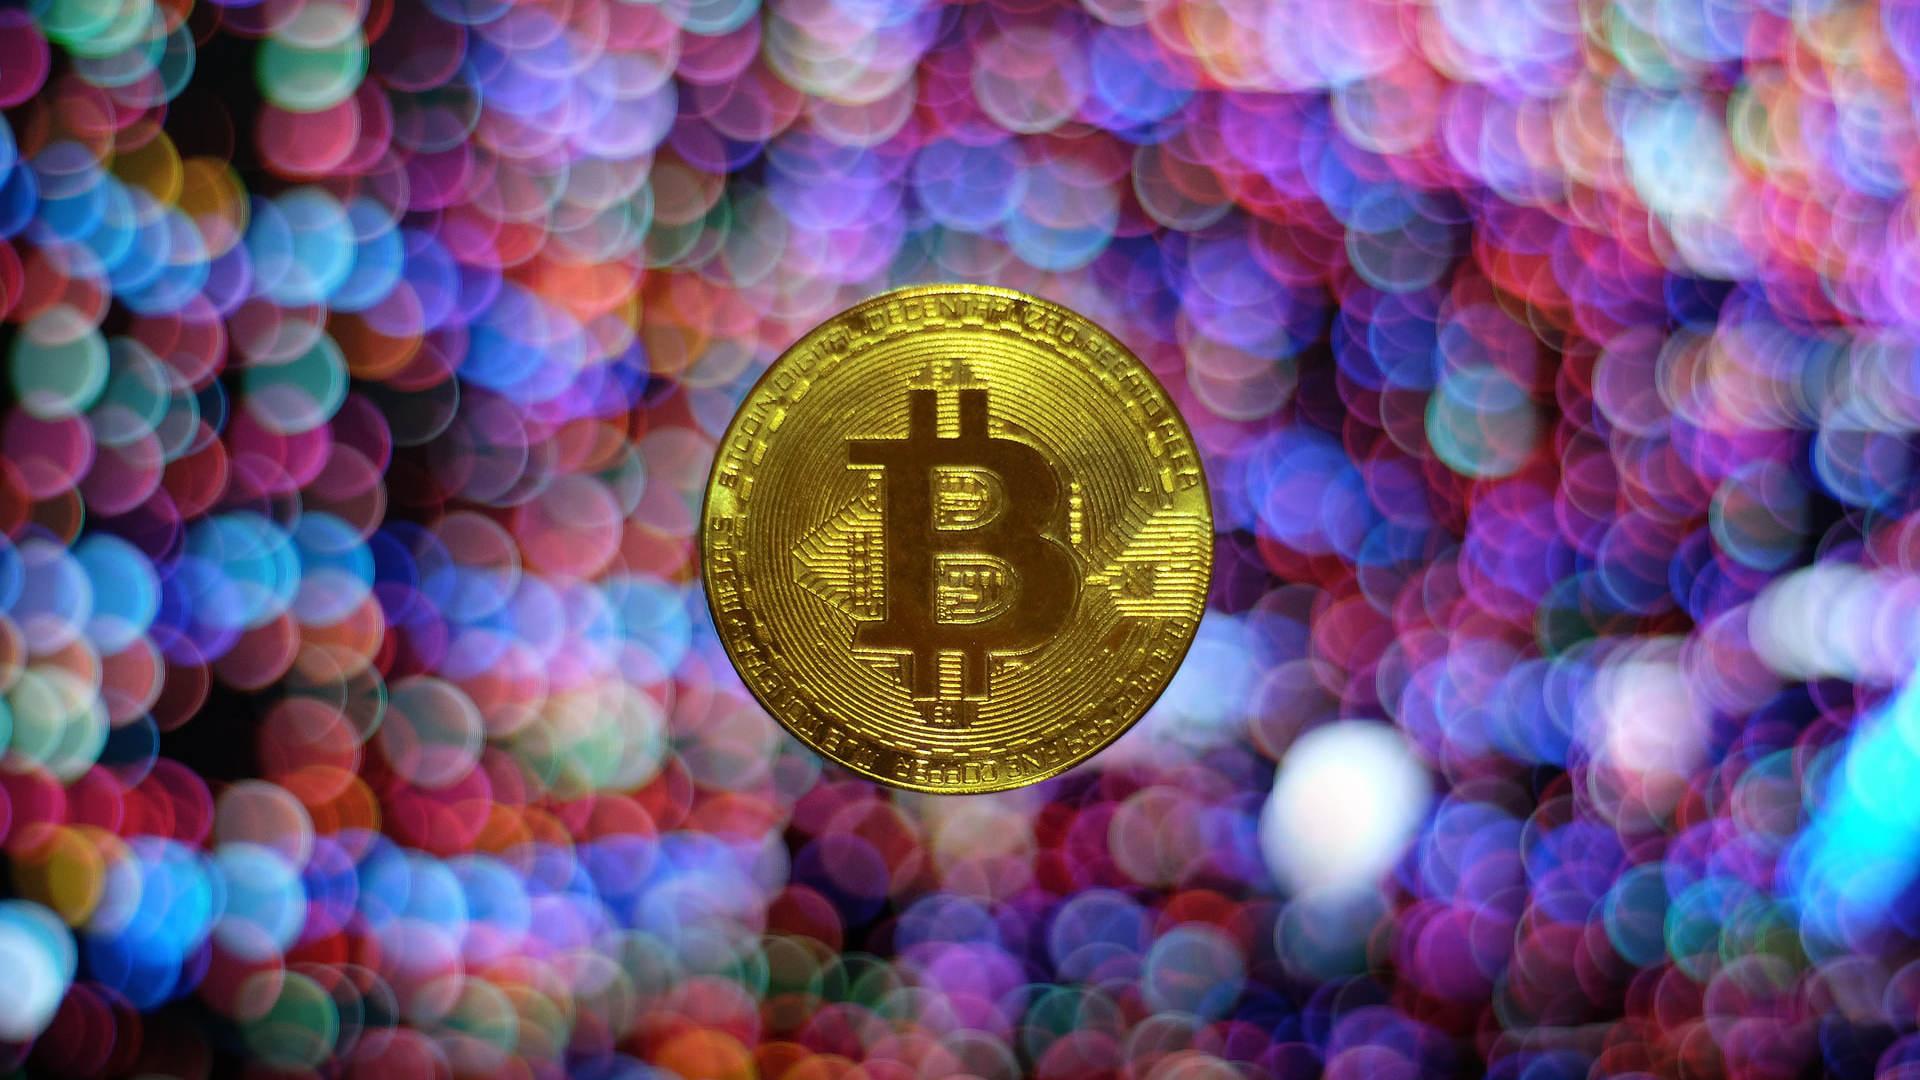 La création d'un fonds indiciel (ETF) lié au bitcoin a enthousiasmé les investisseurs. Le cours de la cryptomonnaie a franchi la barre des 66 000 $, un niveau qu'il n'avait encore jamais atteint. Mais à quoi va servir ce fonds indiciel exac